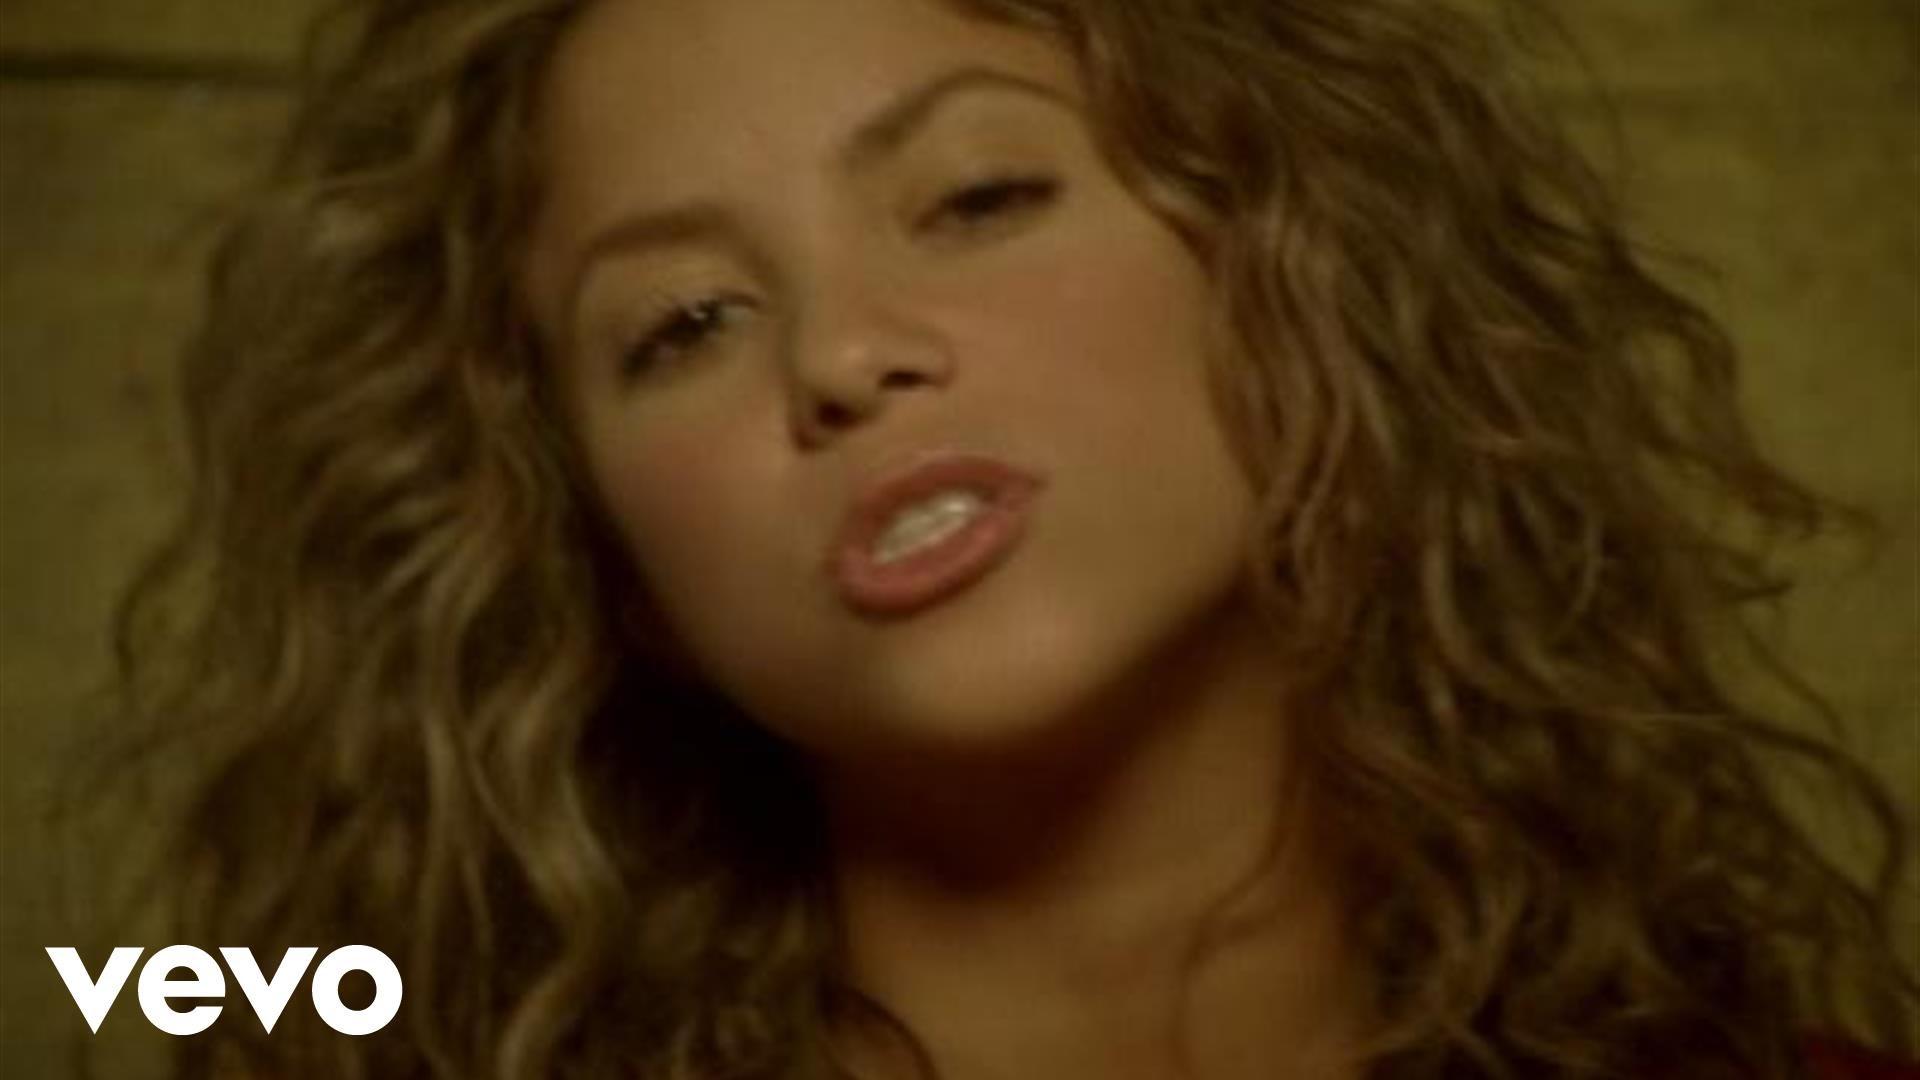 Hips Don't Lie - Shakira ft. Wycleaf Jean